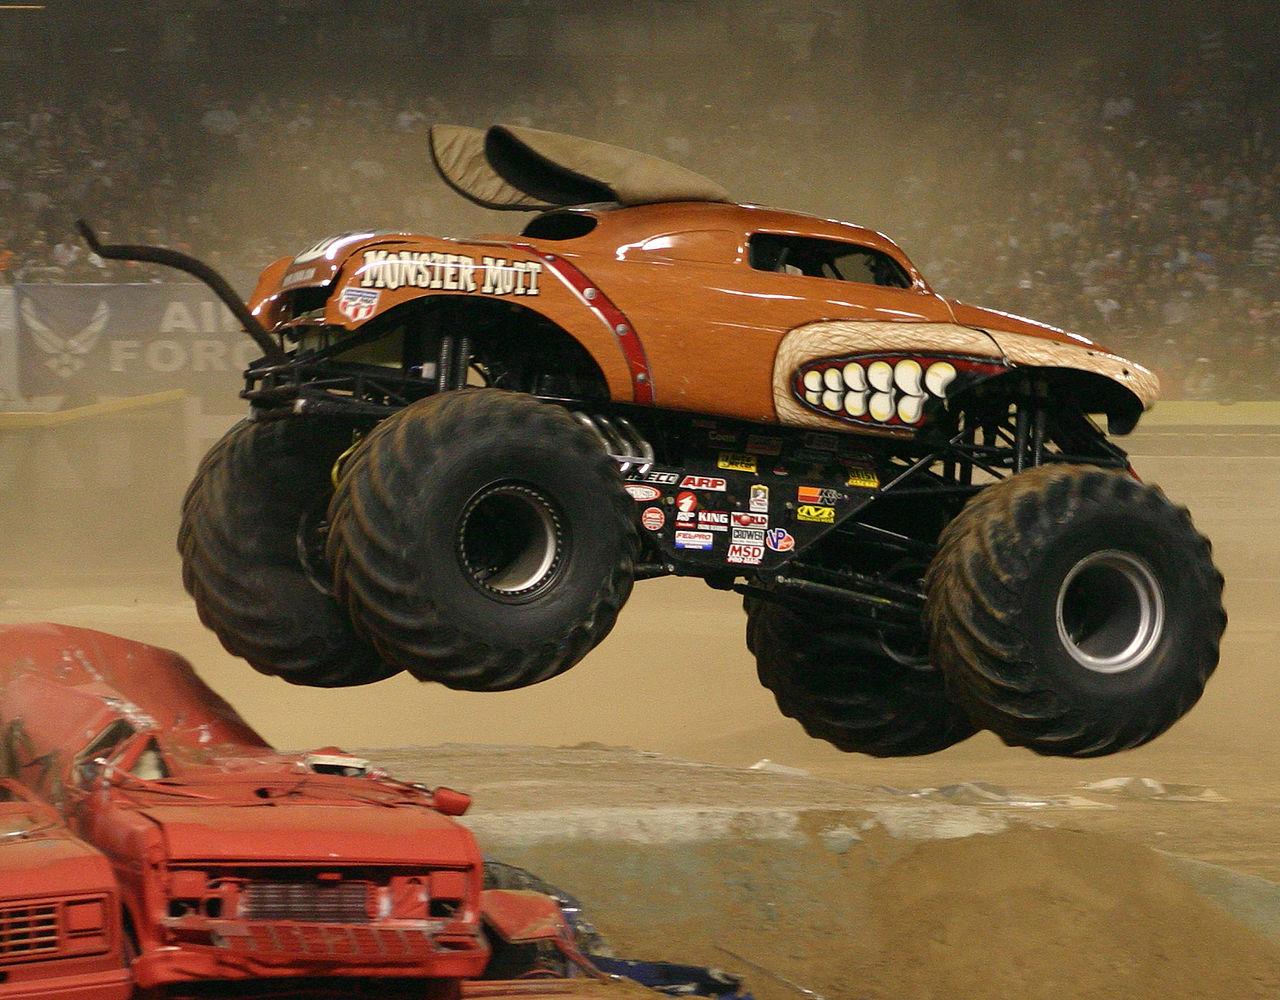 1280px-Monster_mutt_(truck)